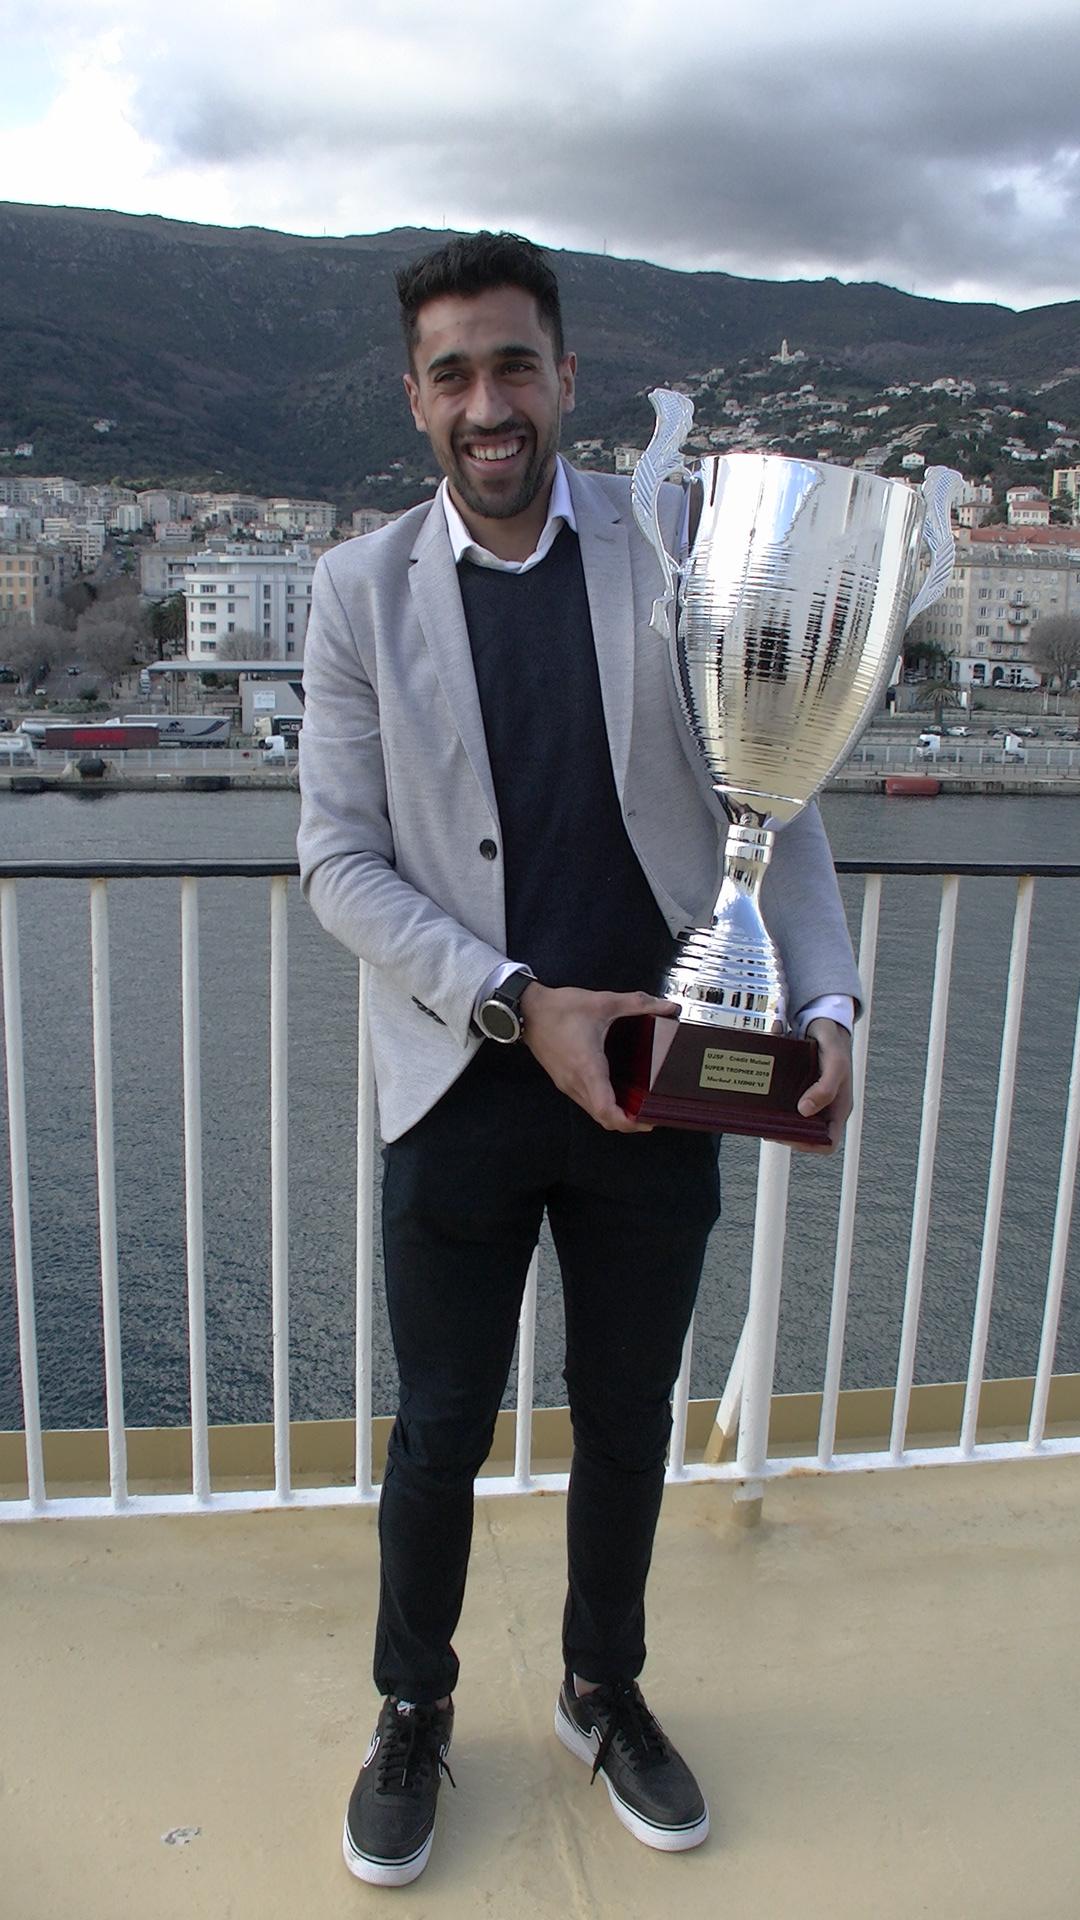 Le super trophée décerné à Morhad Amdouni, championnat d'Europe 2018 du 10 000 m et médaille de bronze du 5000m